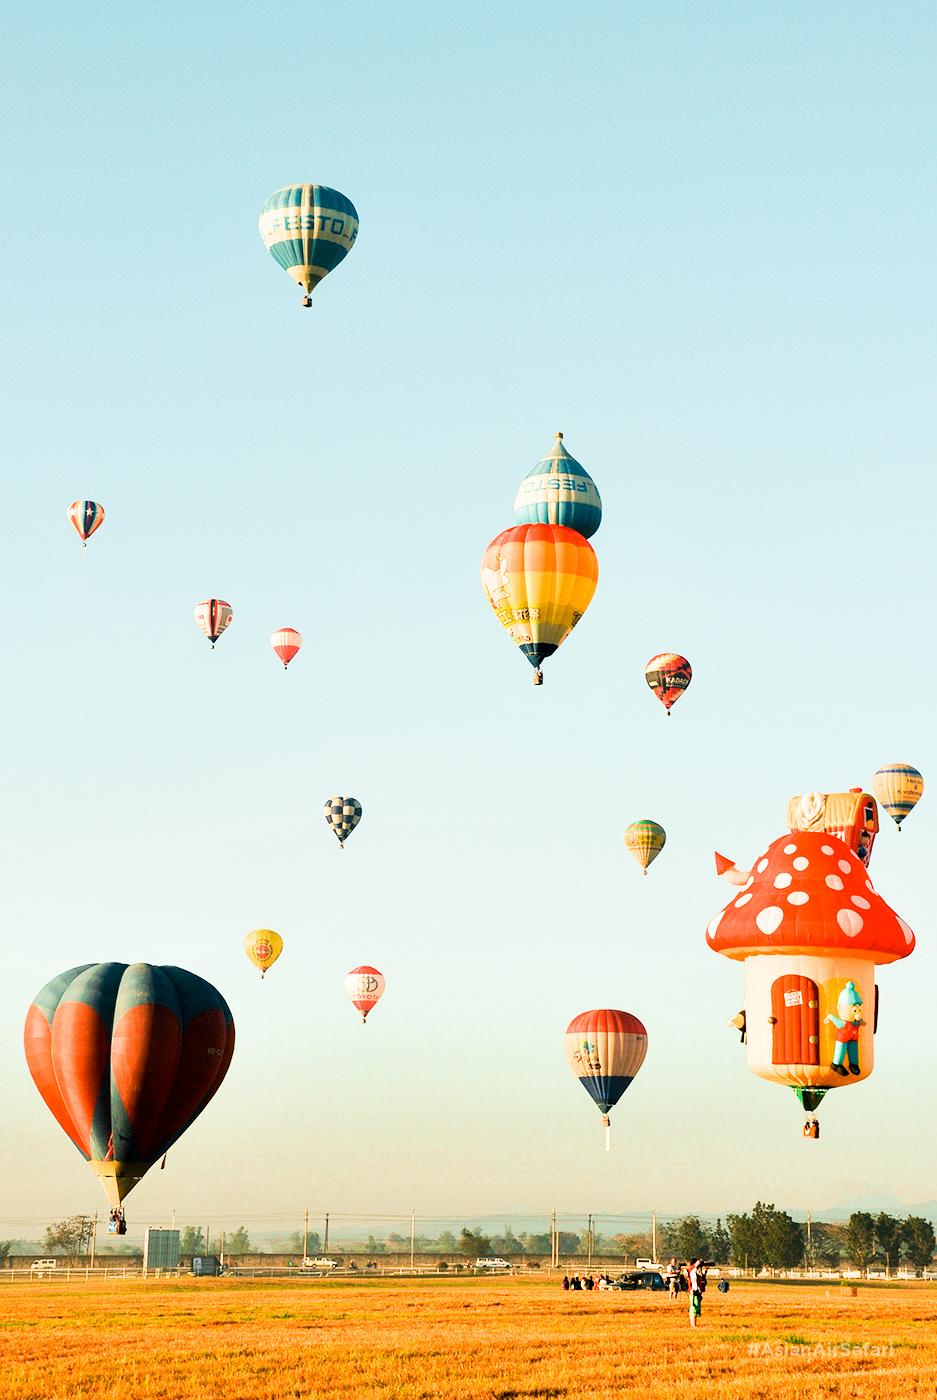 balloonslide (16 of 25)